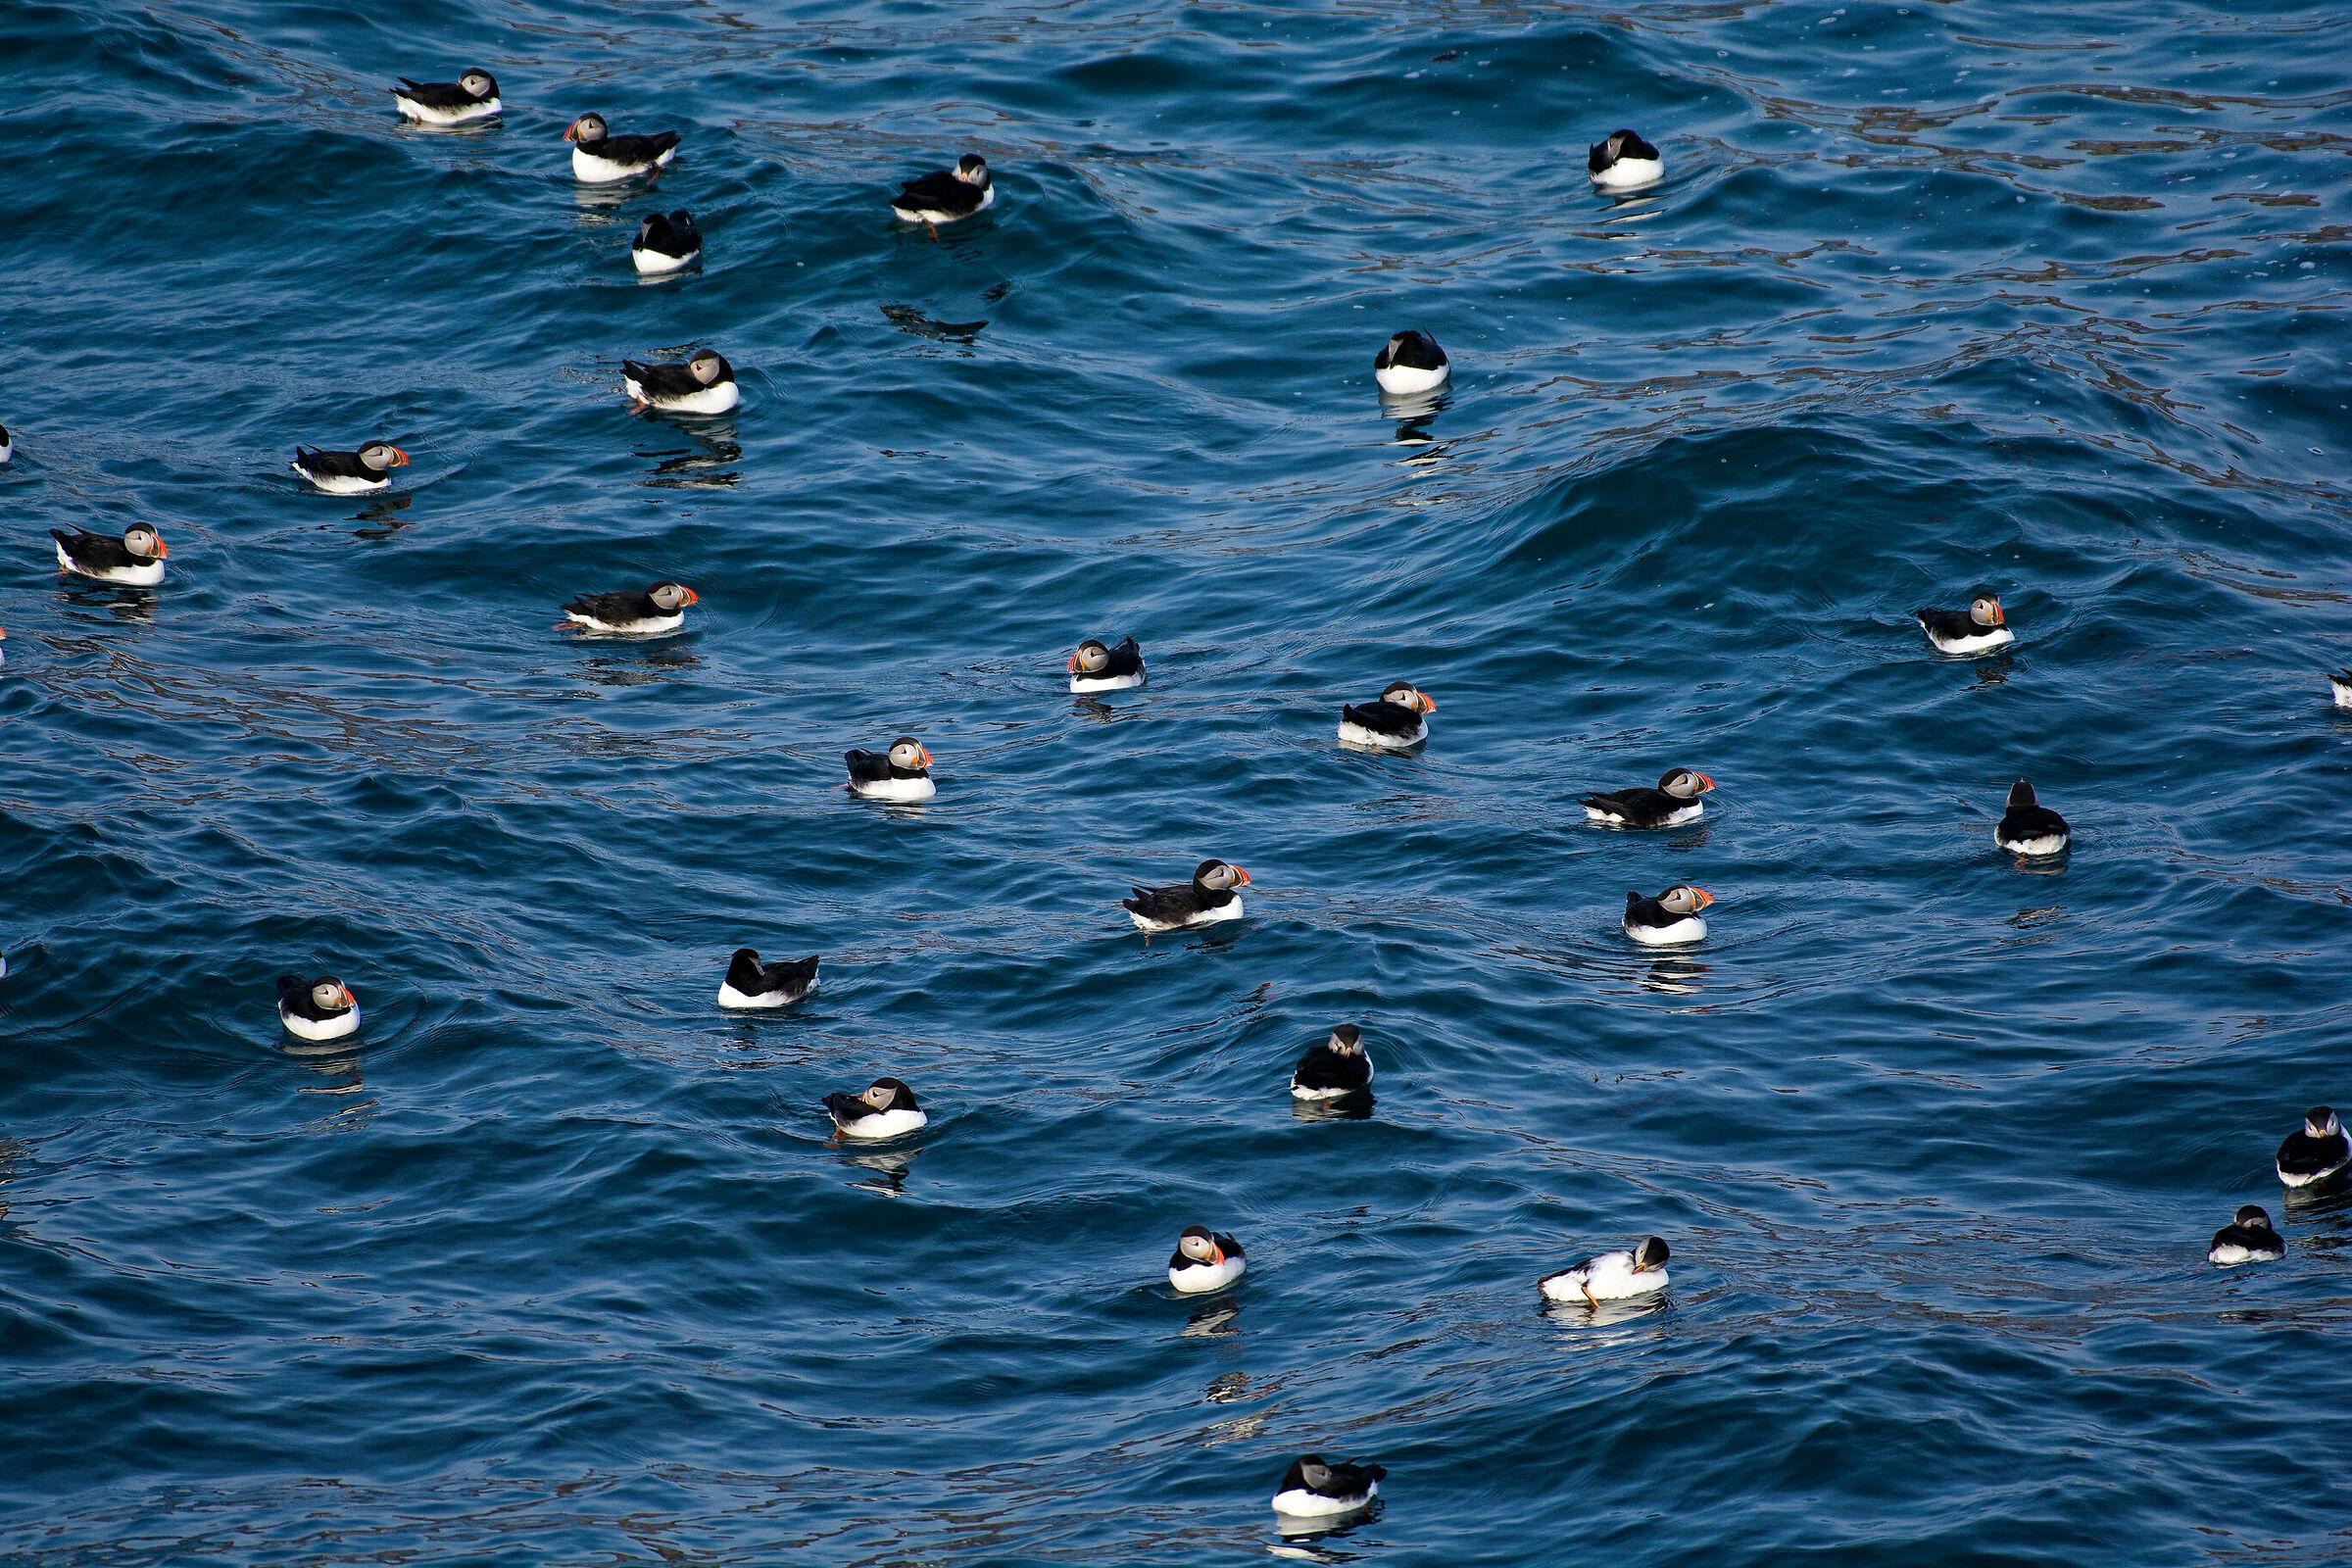 An ocean of puffins...